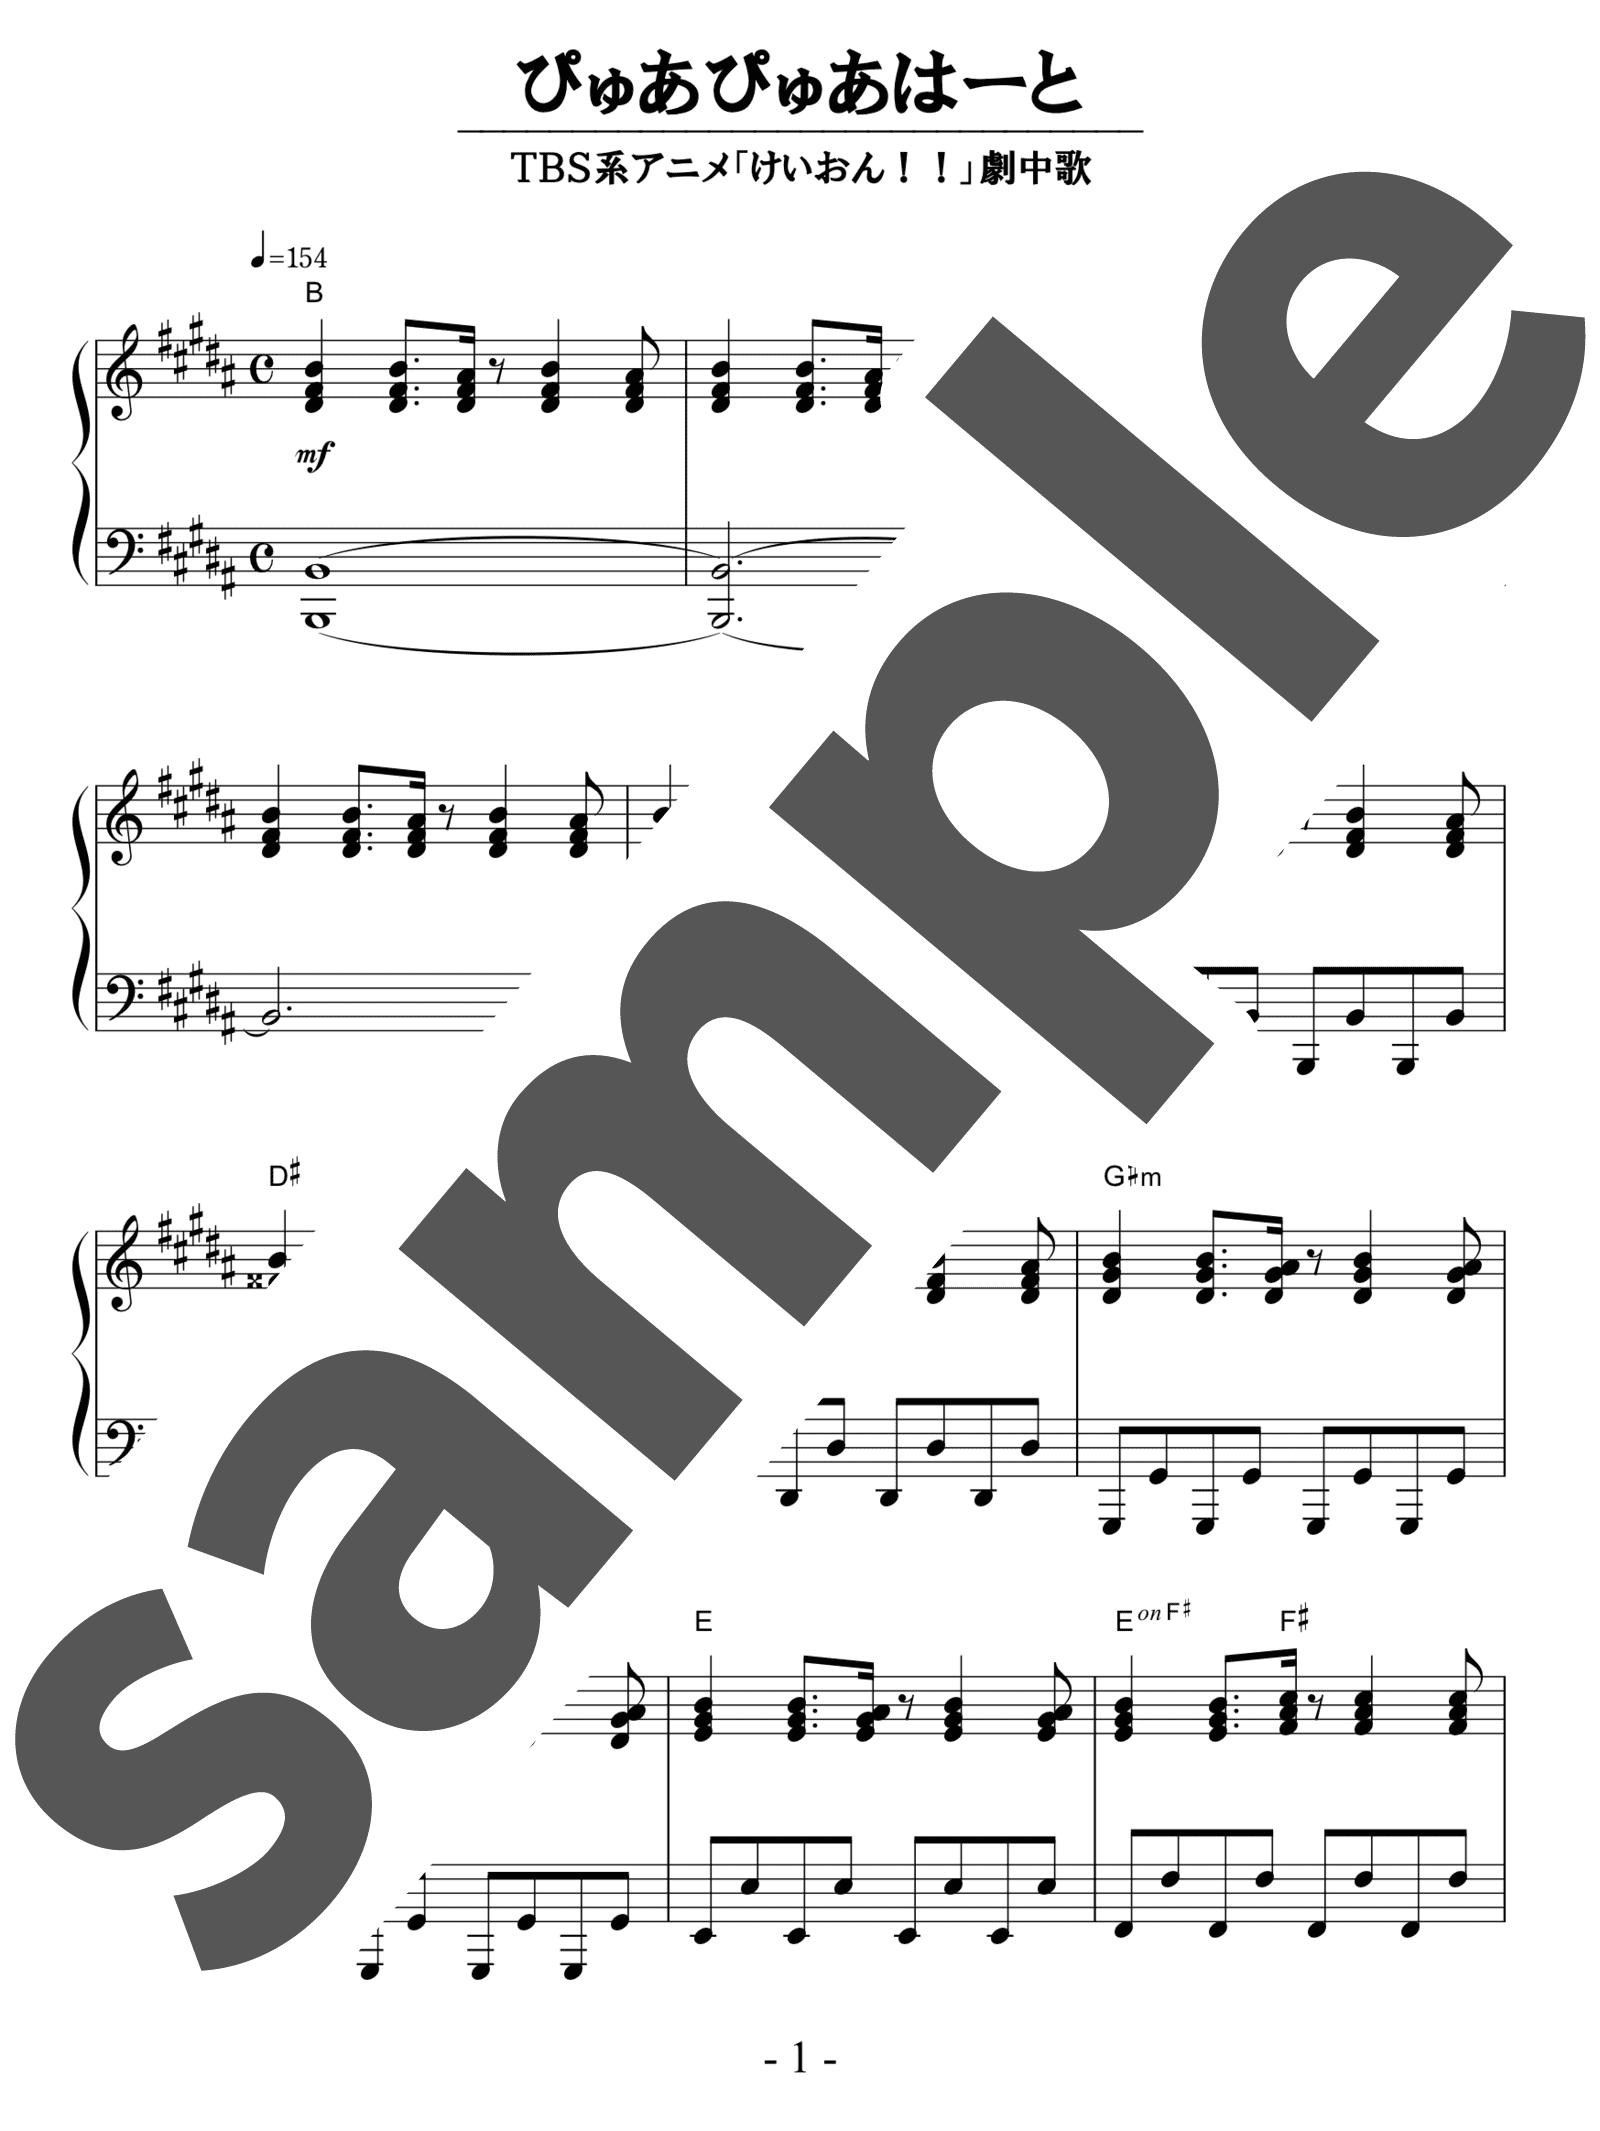 「ぴゅあぴゅあはーと」のサンプル楽譜